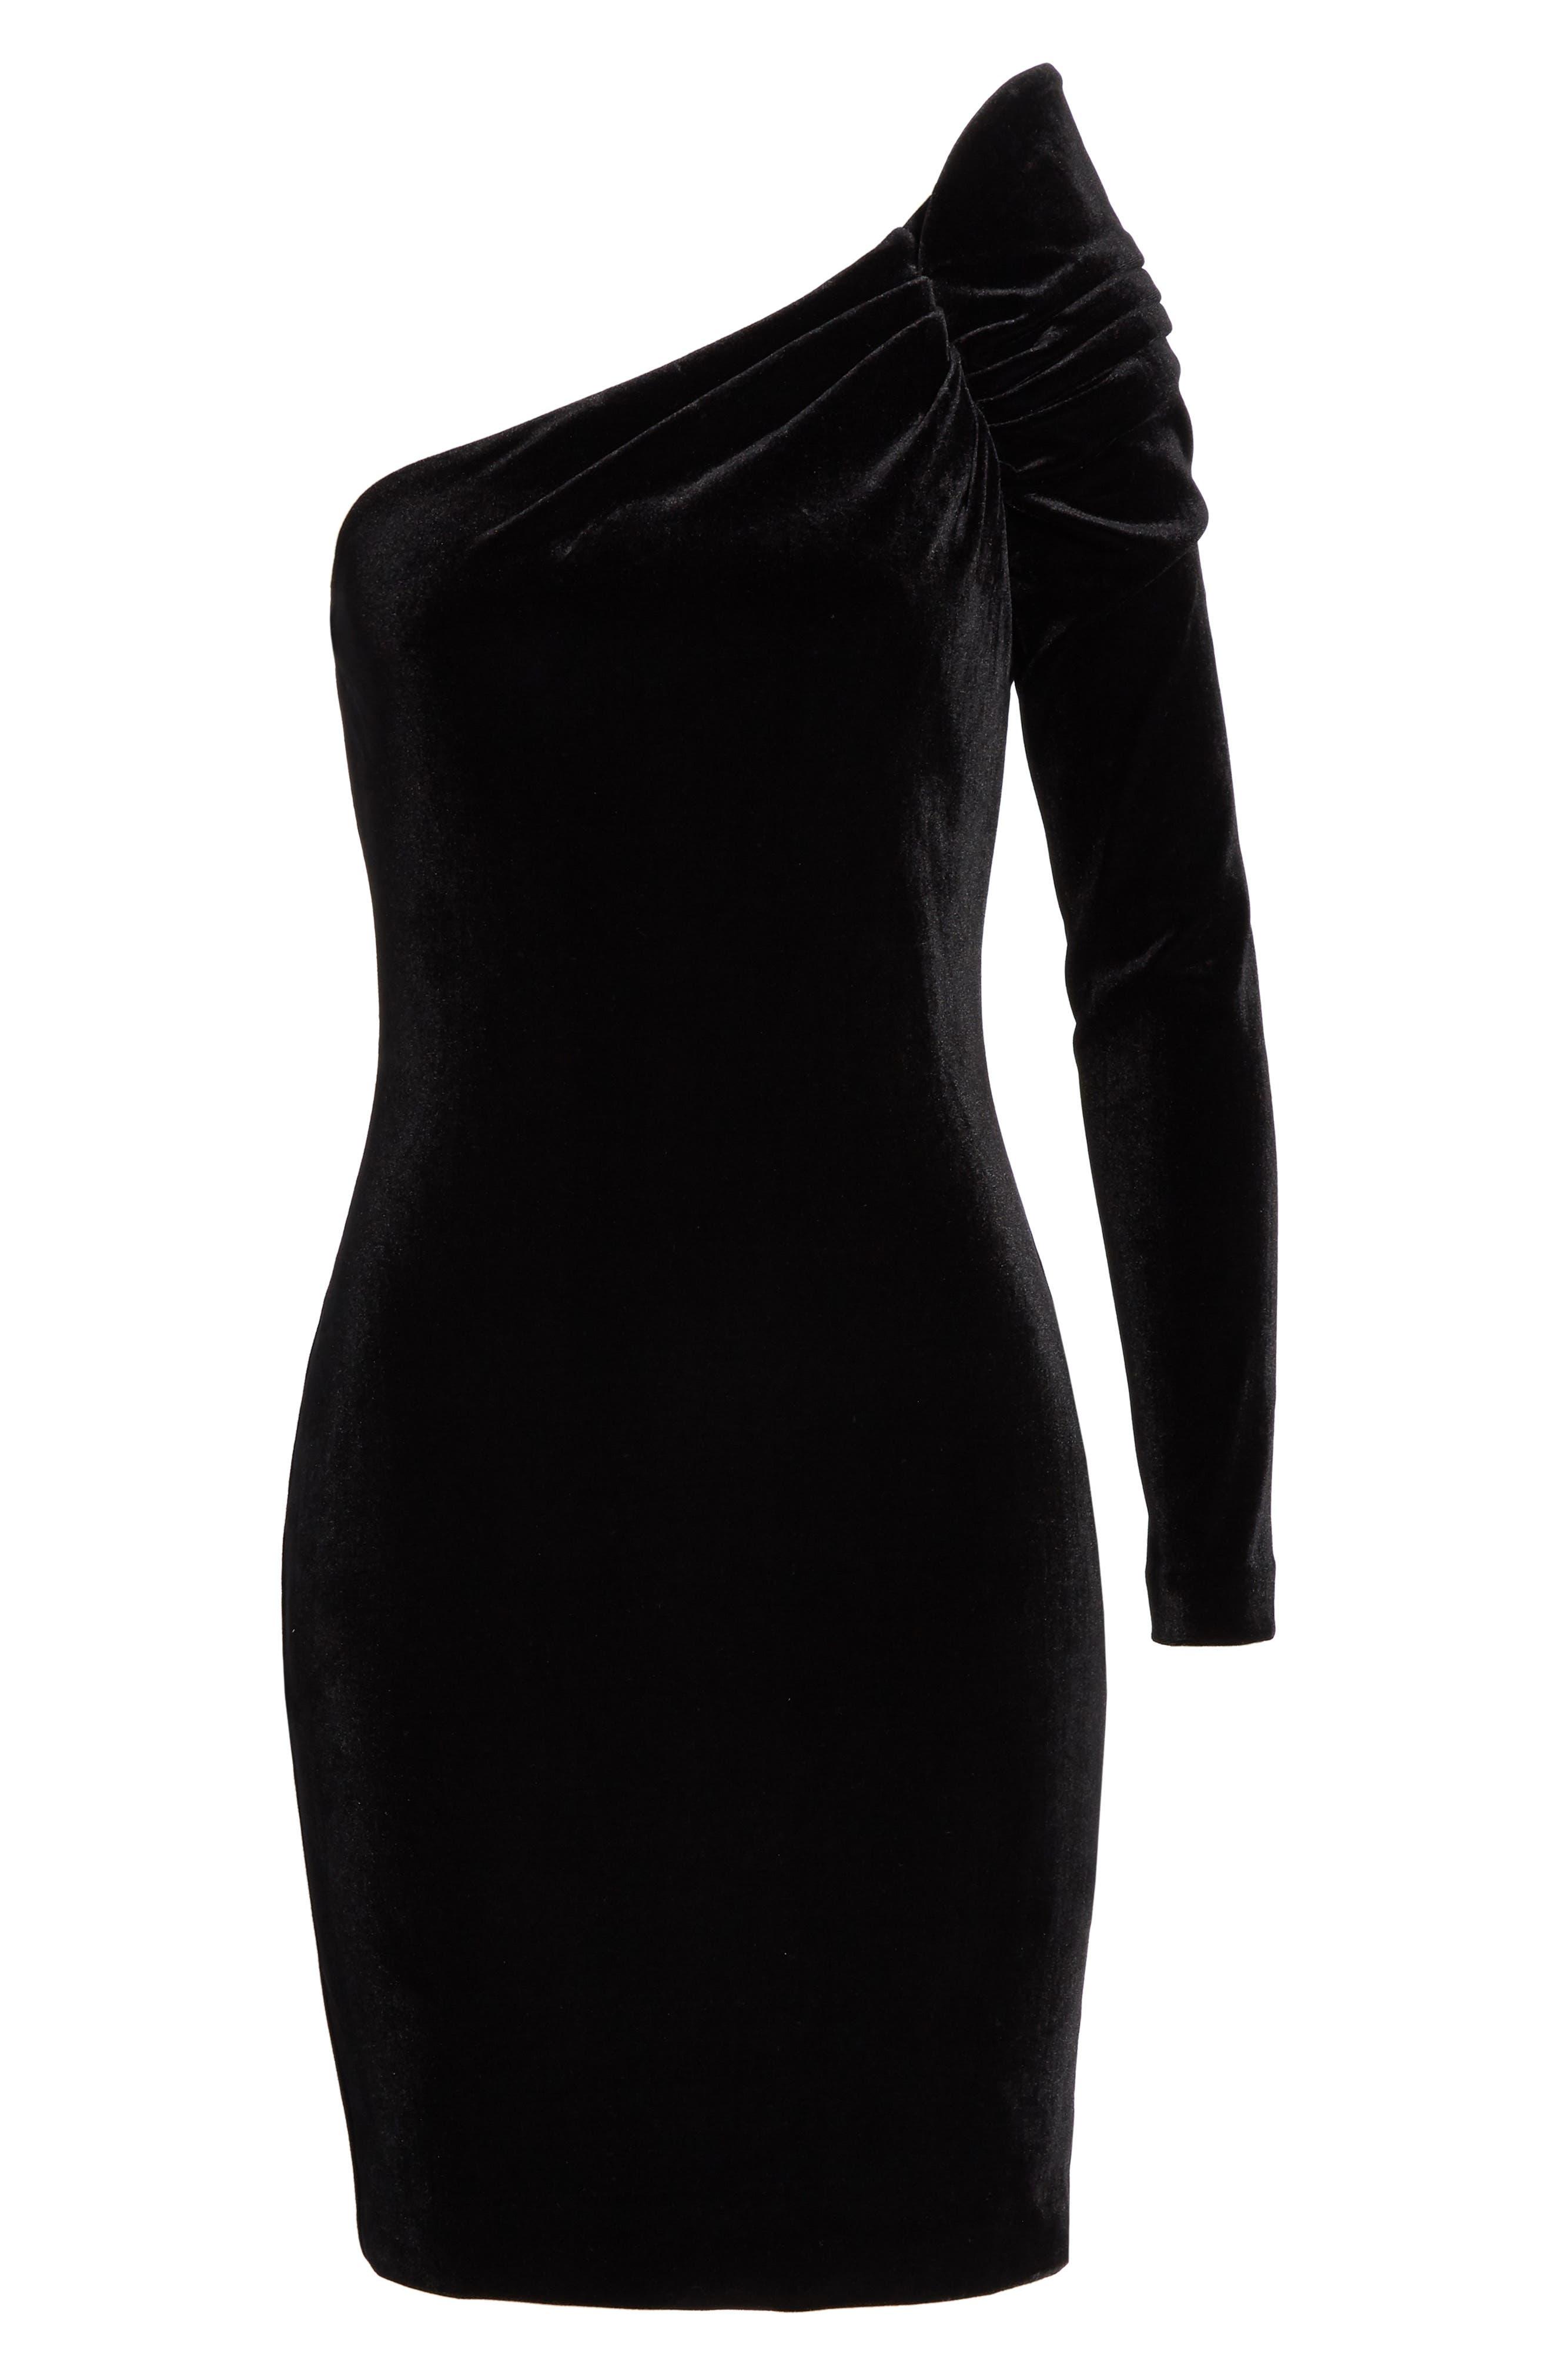 Awwtum One-Shoulder Velvet Body-Con Dress,                             Alternate thumbnail 6, color,                             BLACK